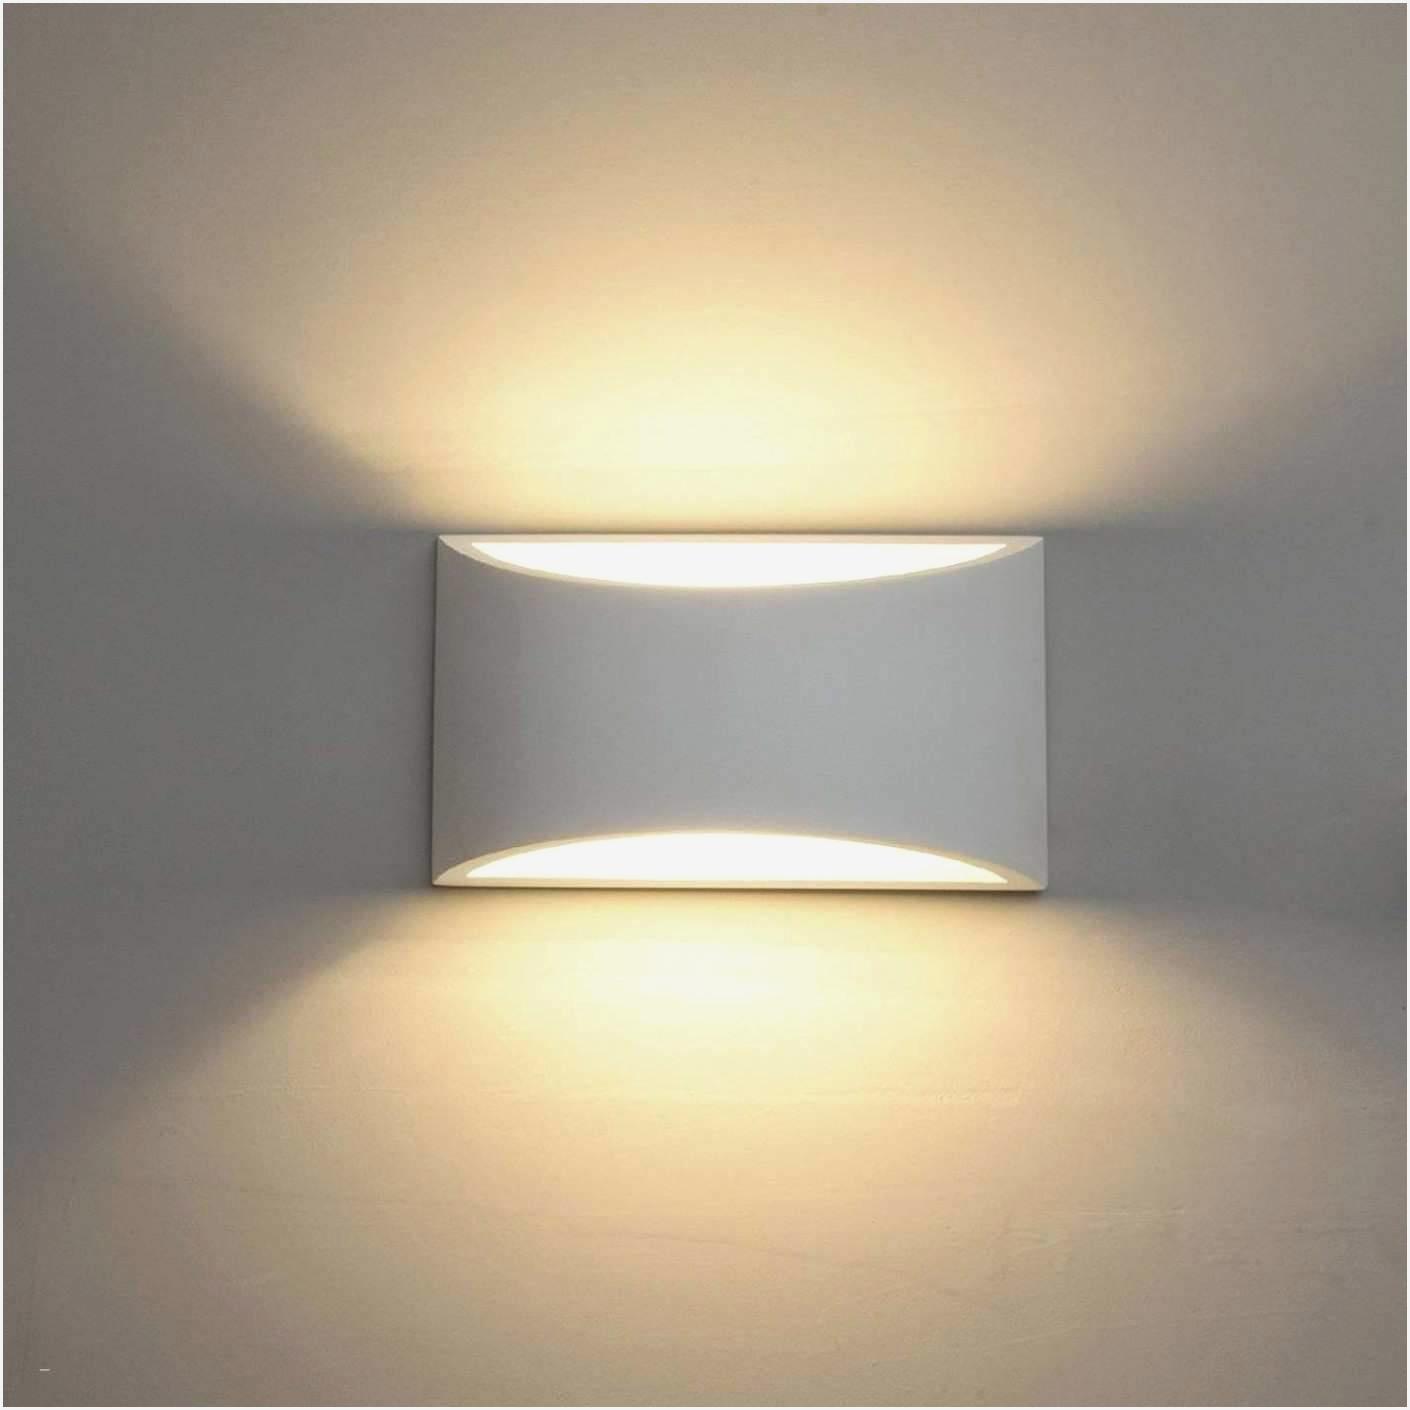 Full Size of Wohnzimmer Deckenlampe Led Dimmbar Traumhaus Fototapeten Beleuchtung Küche Deckenlampen Modern Spiegel Bad Sofa Leder Braun Lampen Hängeleuchte Deckenleuchte Wohnzimmer Wohnzimmer Deckenlampe Led